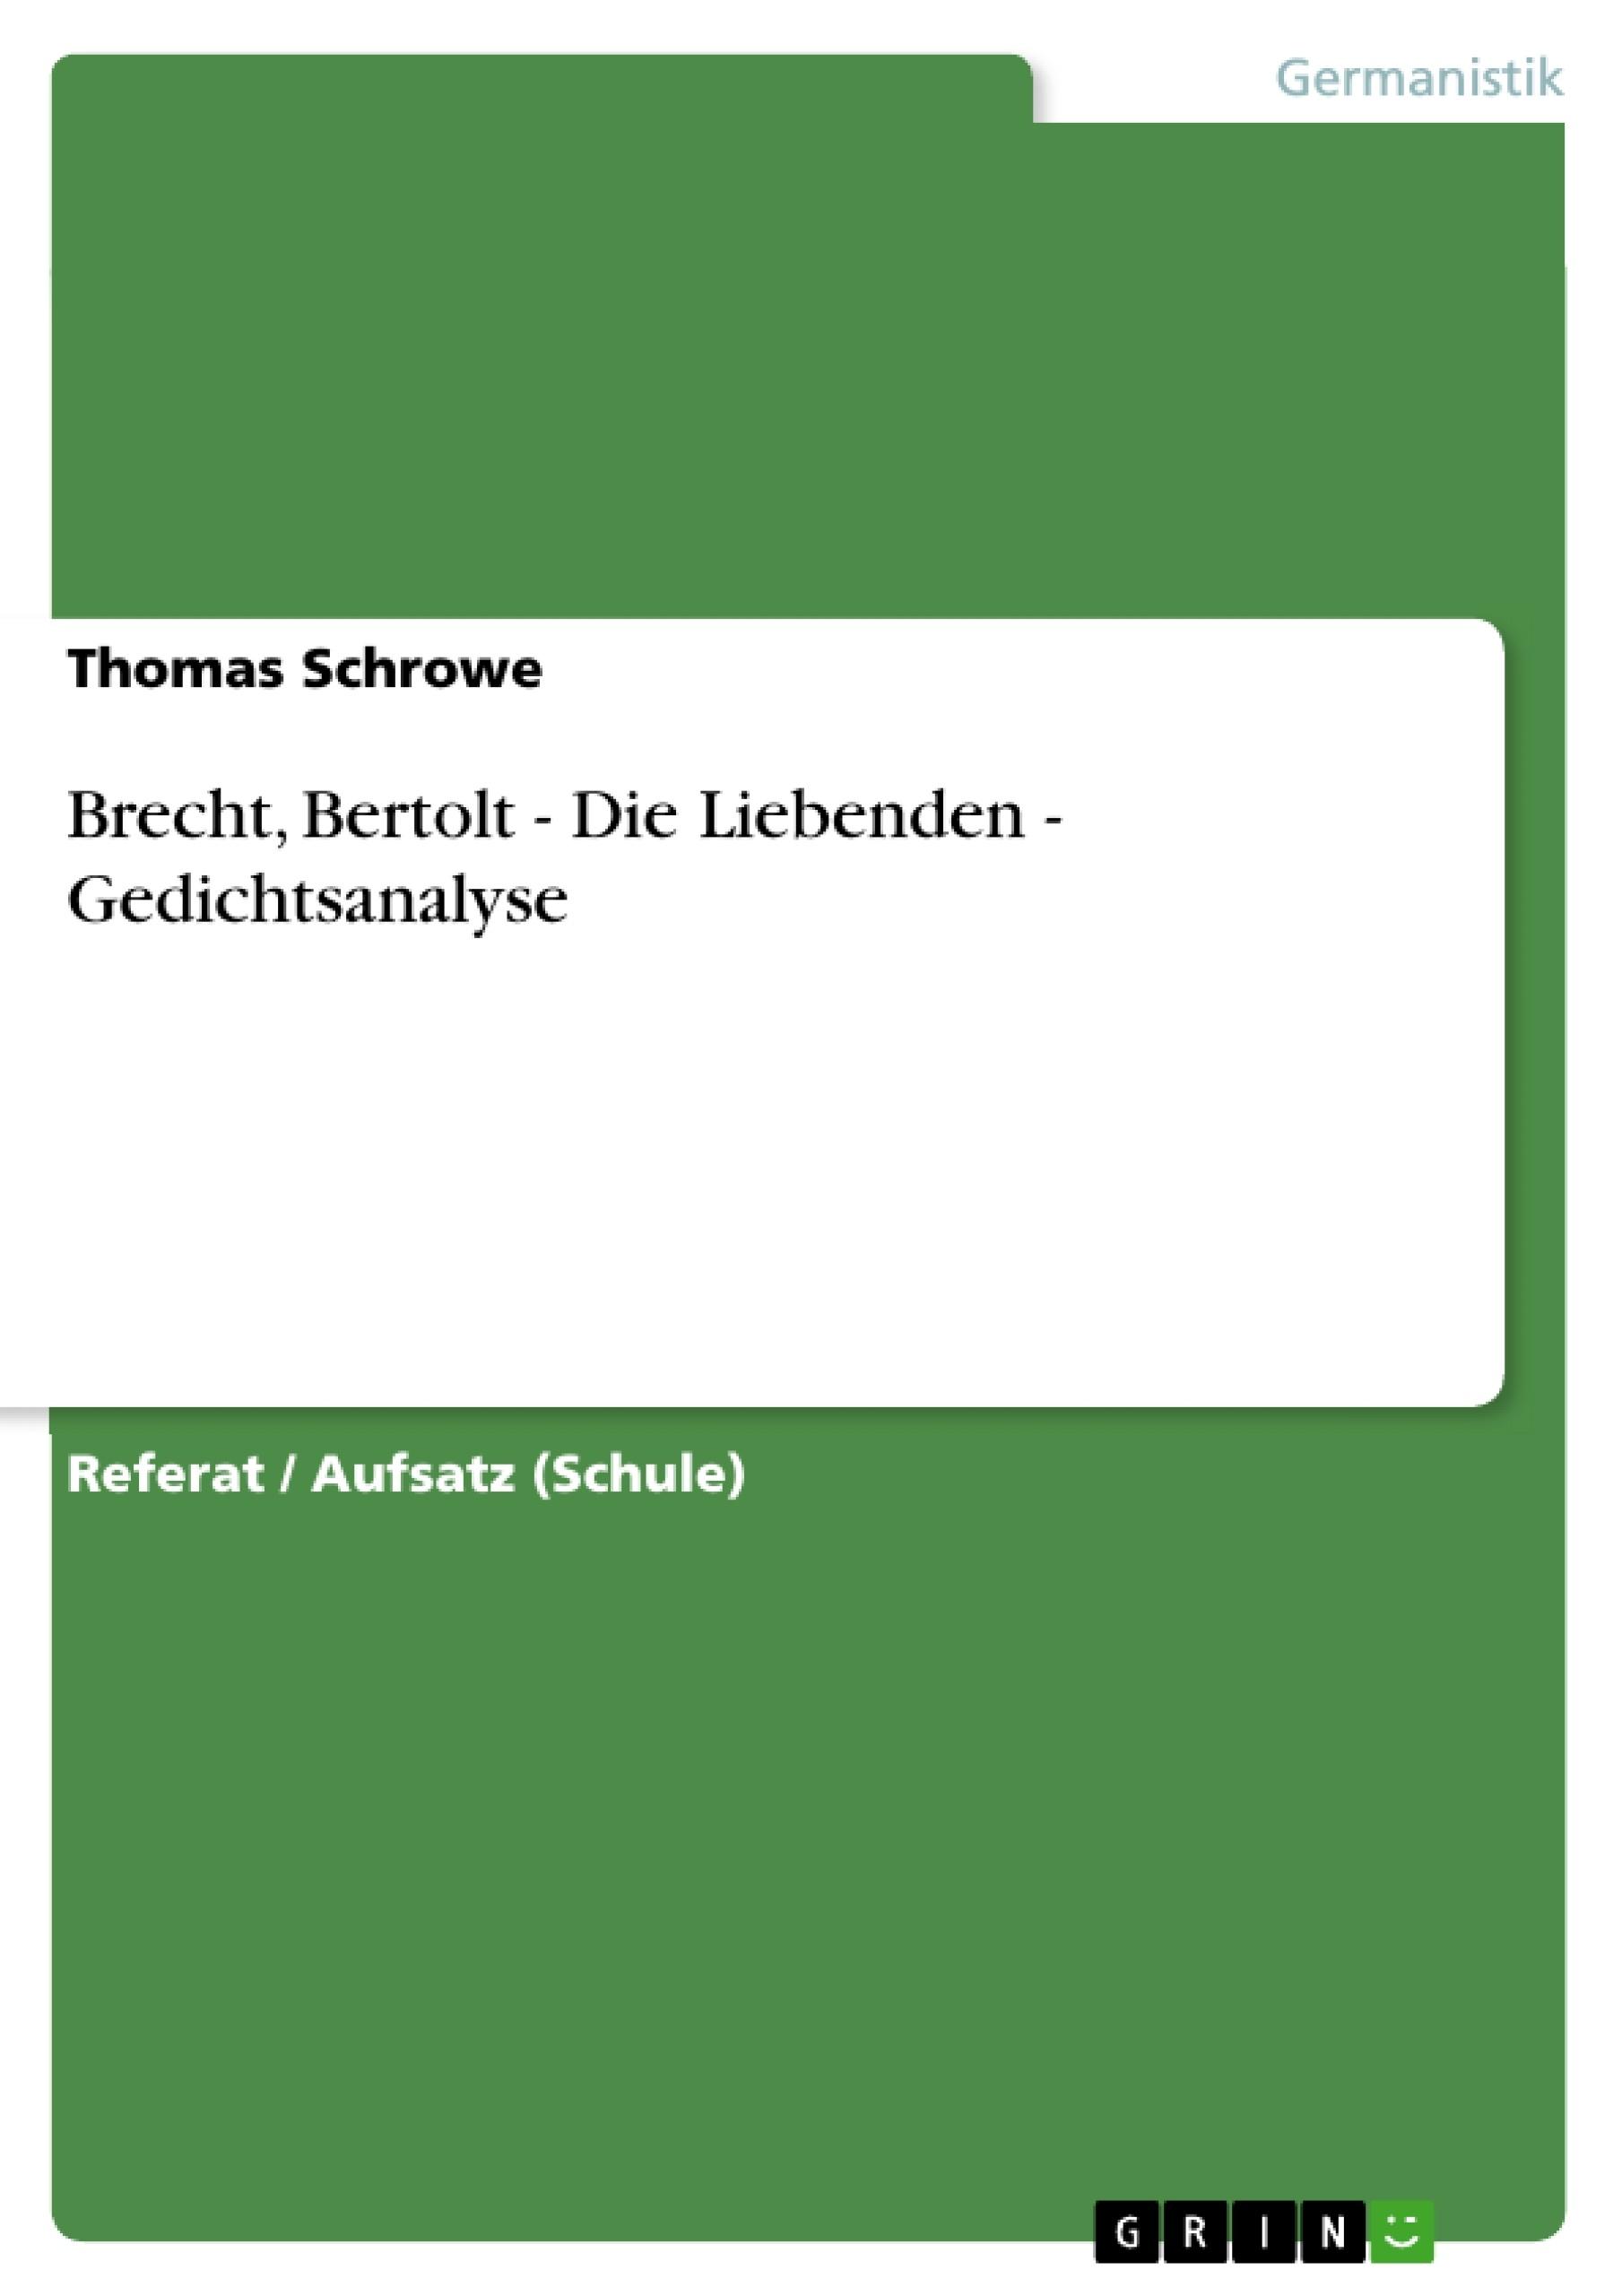 Titel: Brecht, Bertolt - Die Liebenden - Gedichtsanalyse